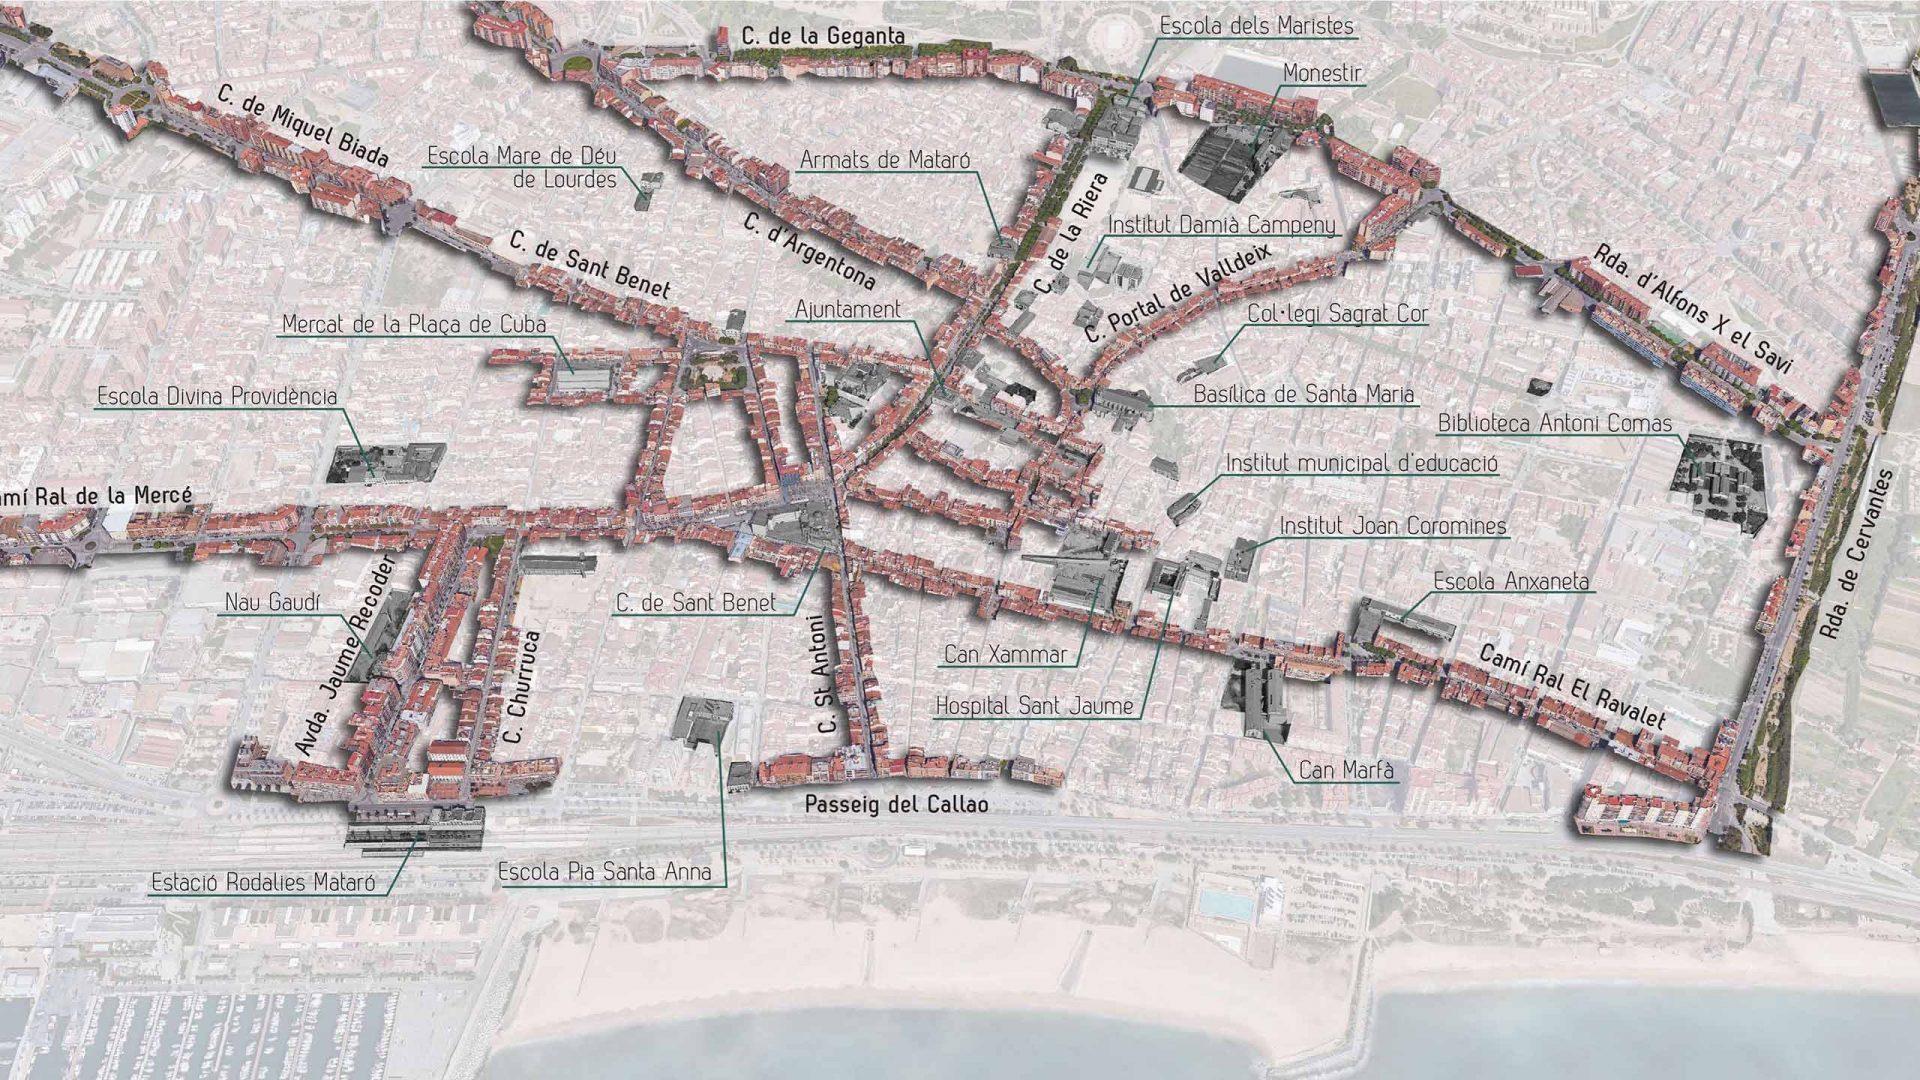 Planol de l'estratègia de construir una xarxa de fluxos i polaritats entre el Centre, la platja, el port, les Cinc Sènies, el Techno Campus. Zona d'activitat i coneixement.